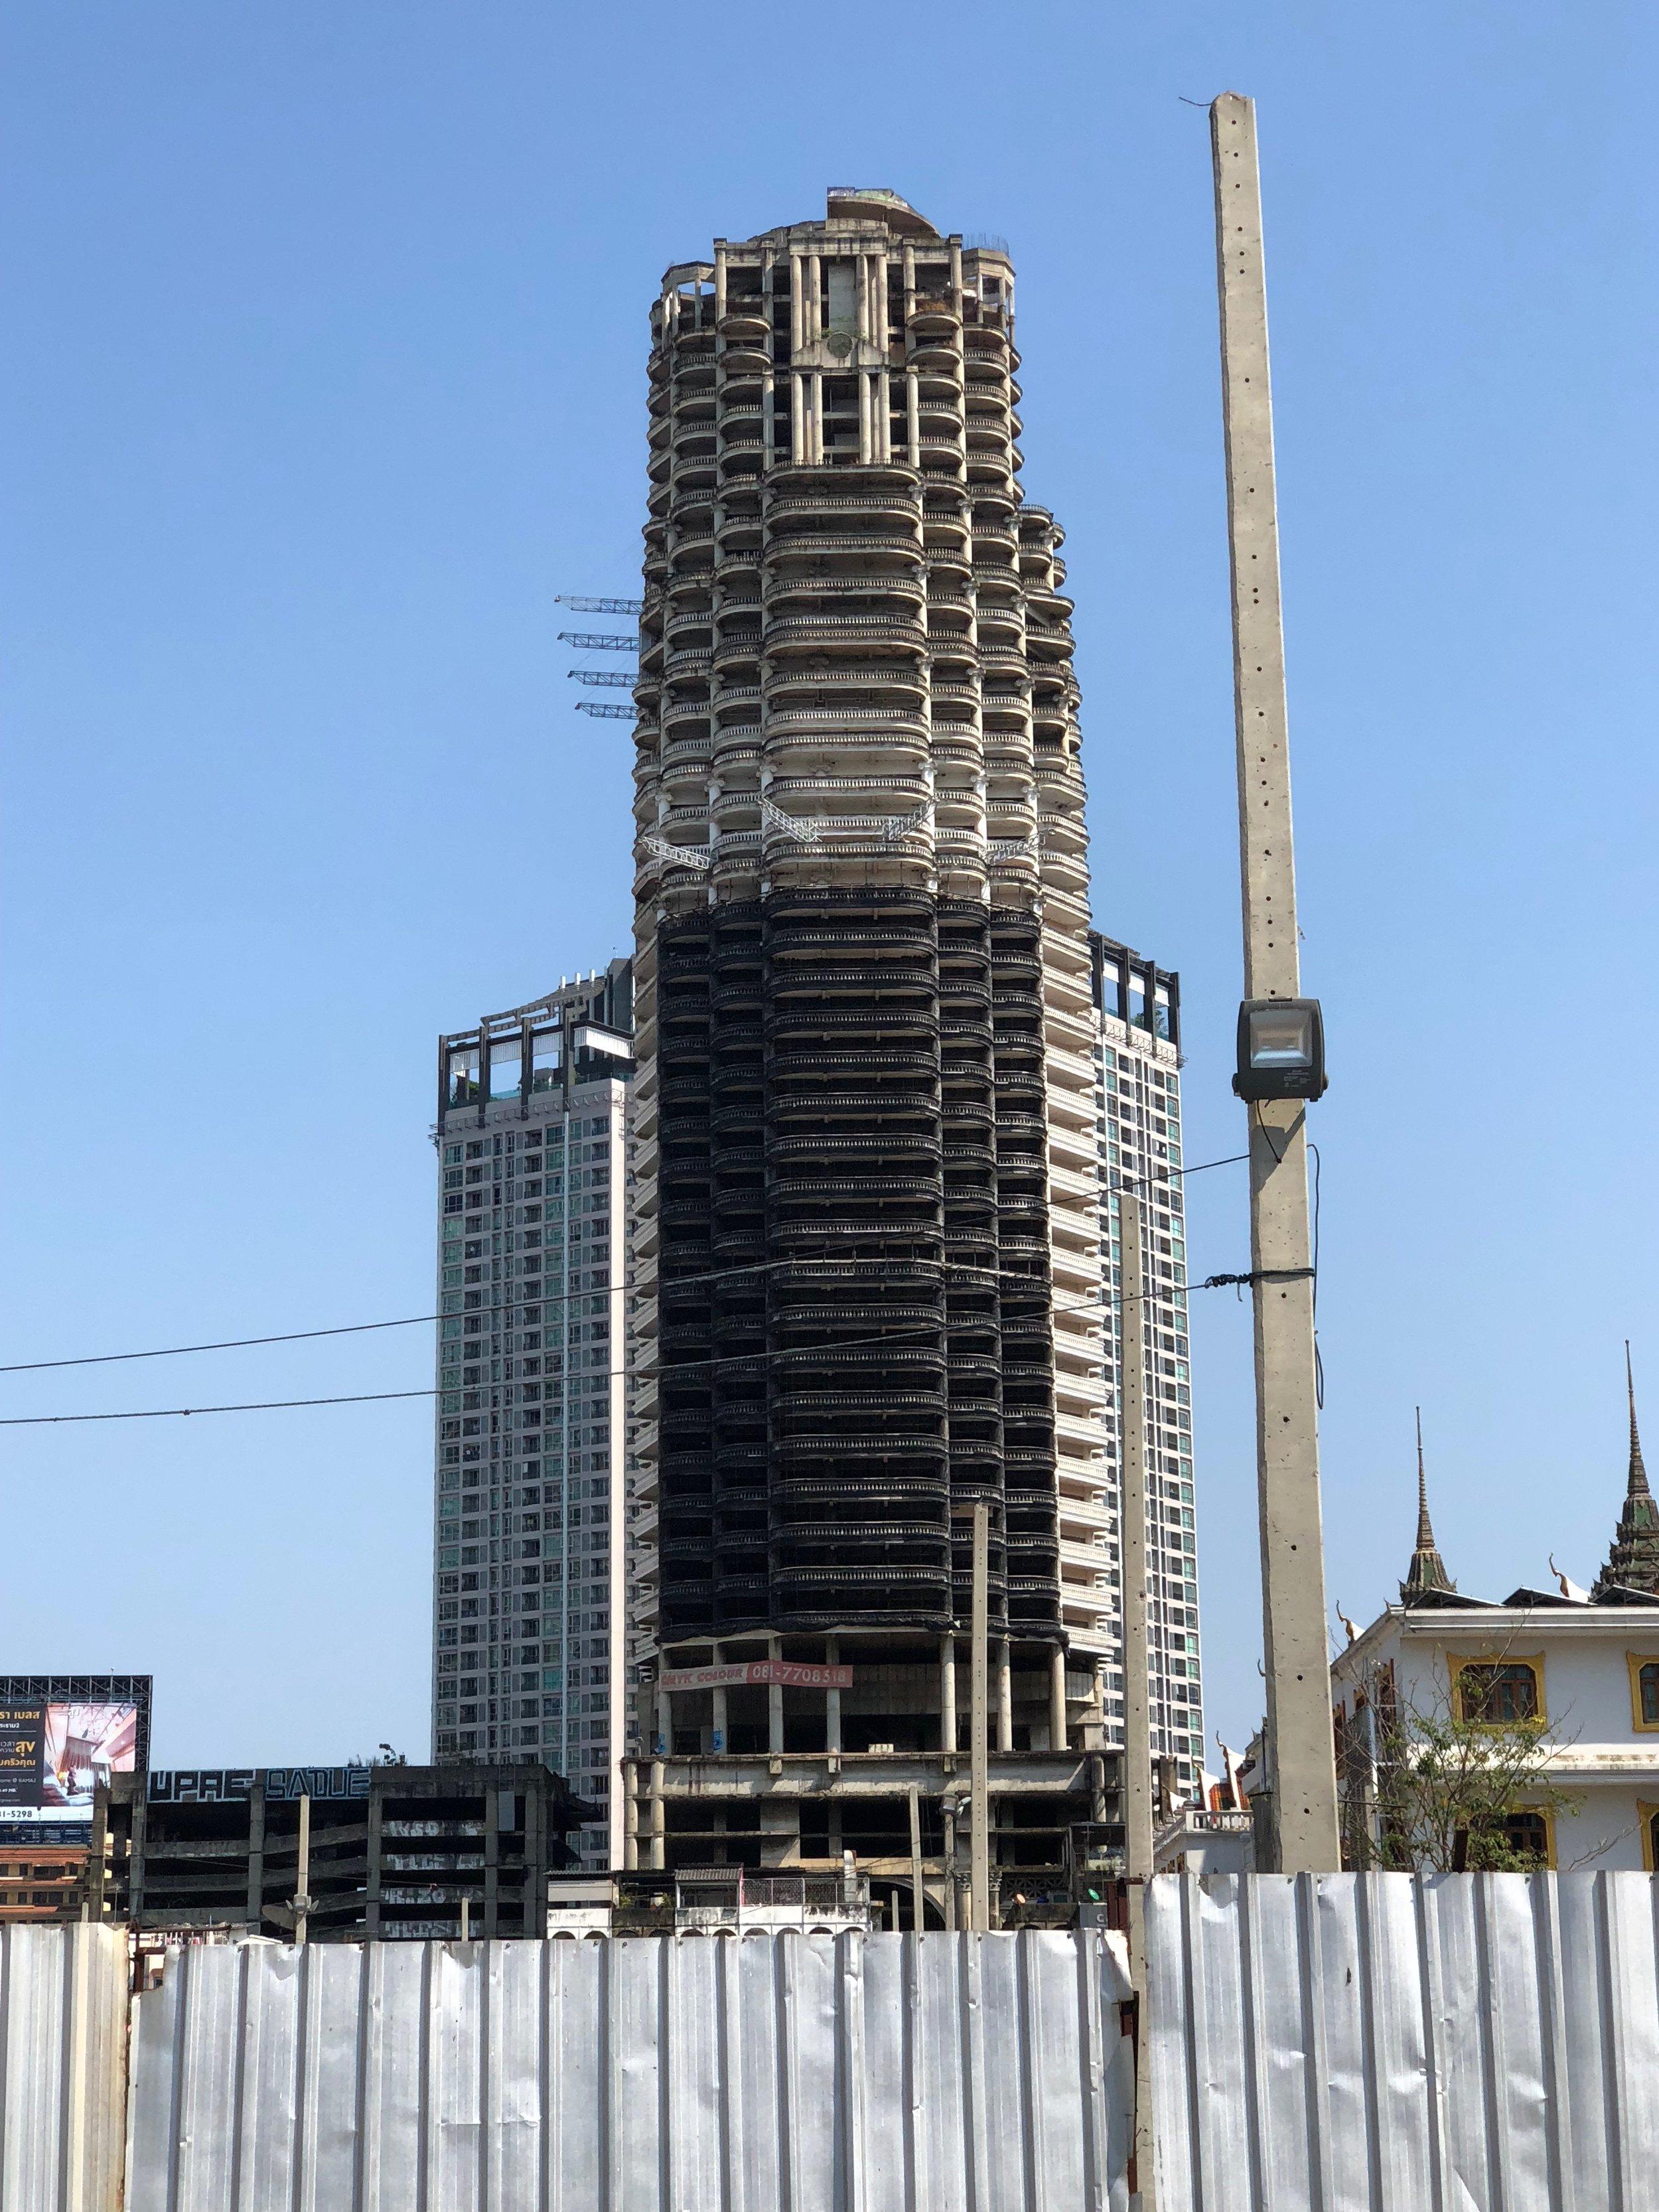 Me da un poco de miedo pasar este edificio, pero sí es muy interesante de conocer.